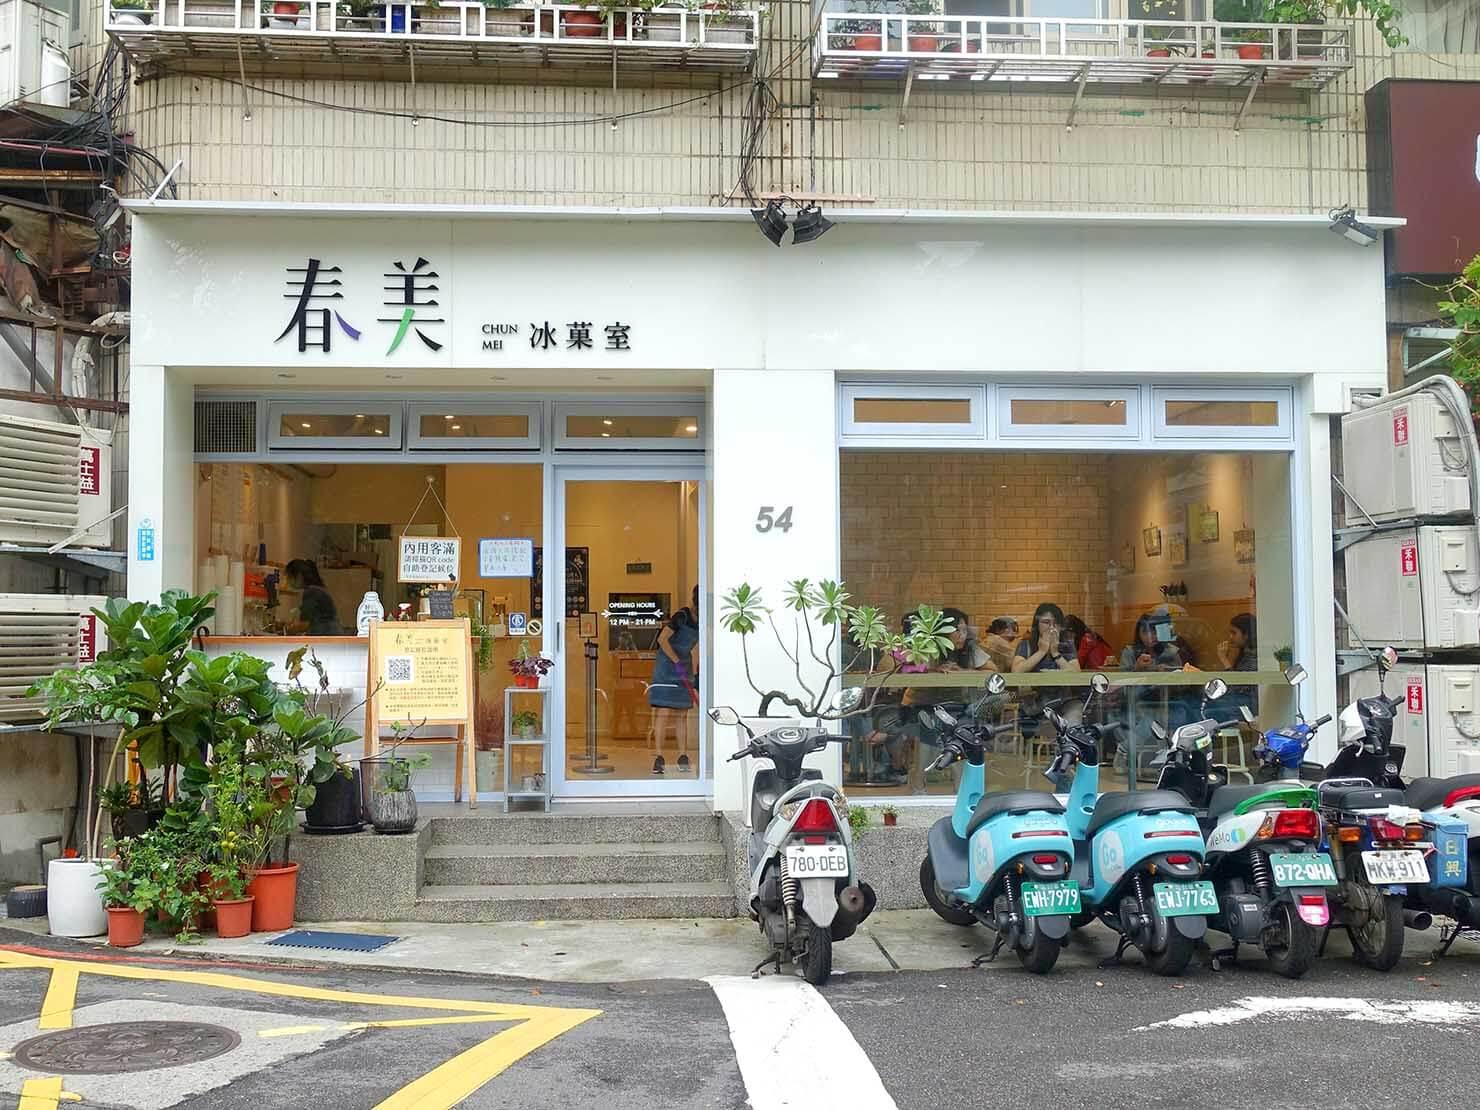 台北・南京復興駅周辺のおすすめグルメ店「春美冰菓室」の外観